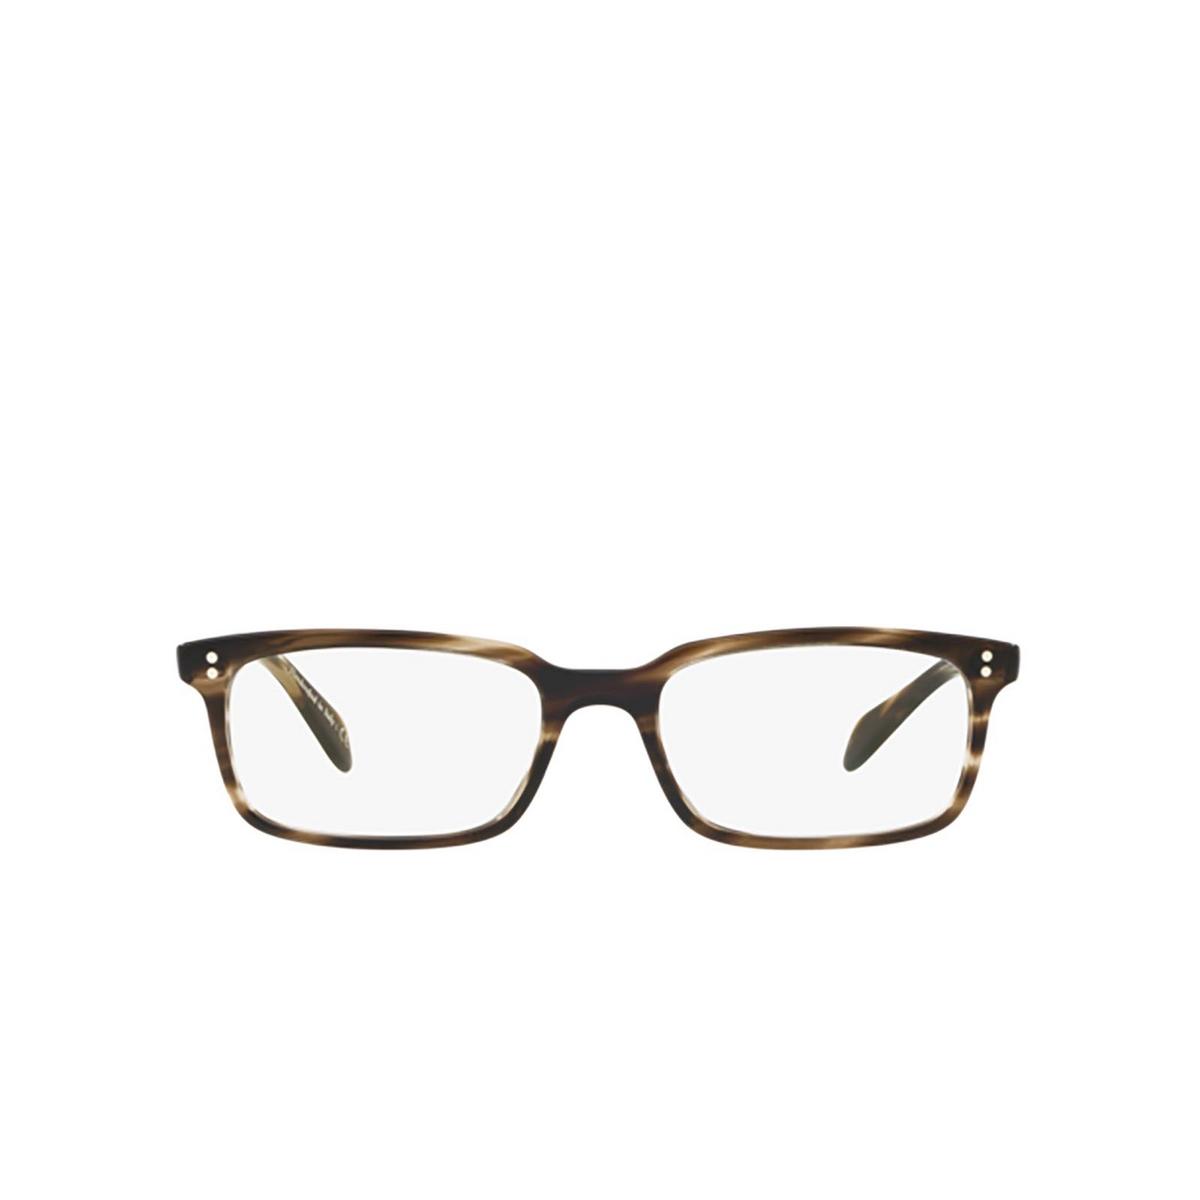 Oliver Peoples® Rectangle Eyeglasses: Denison OV5102 color Cinder Cocobolo 1612 - front view.